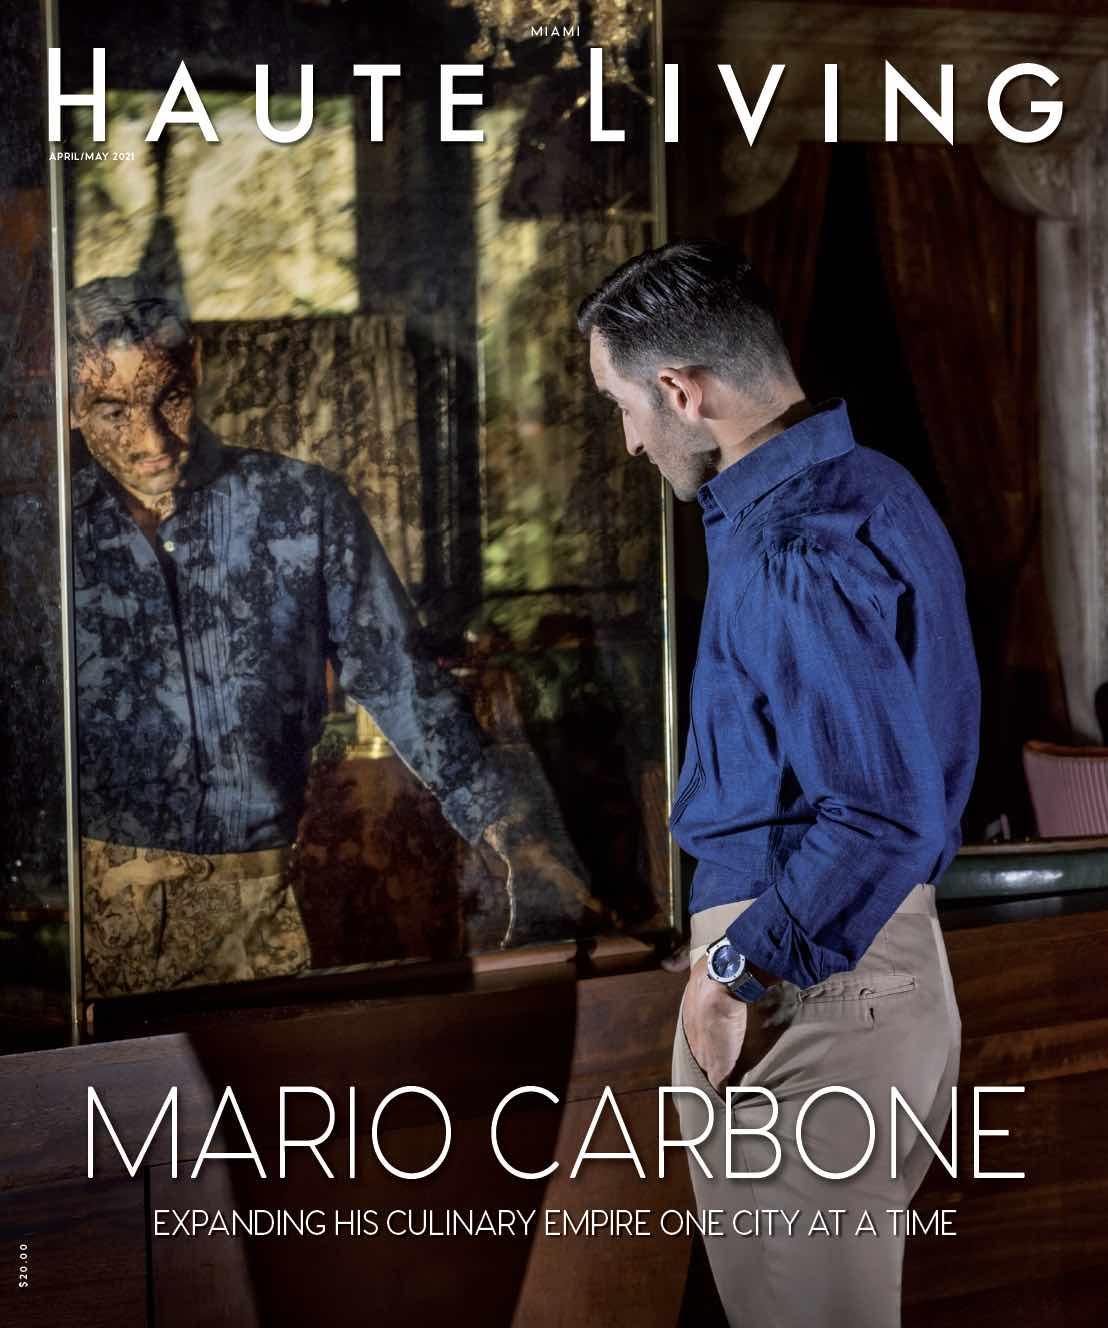 Mario Carbone